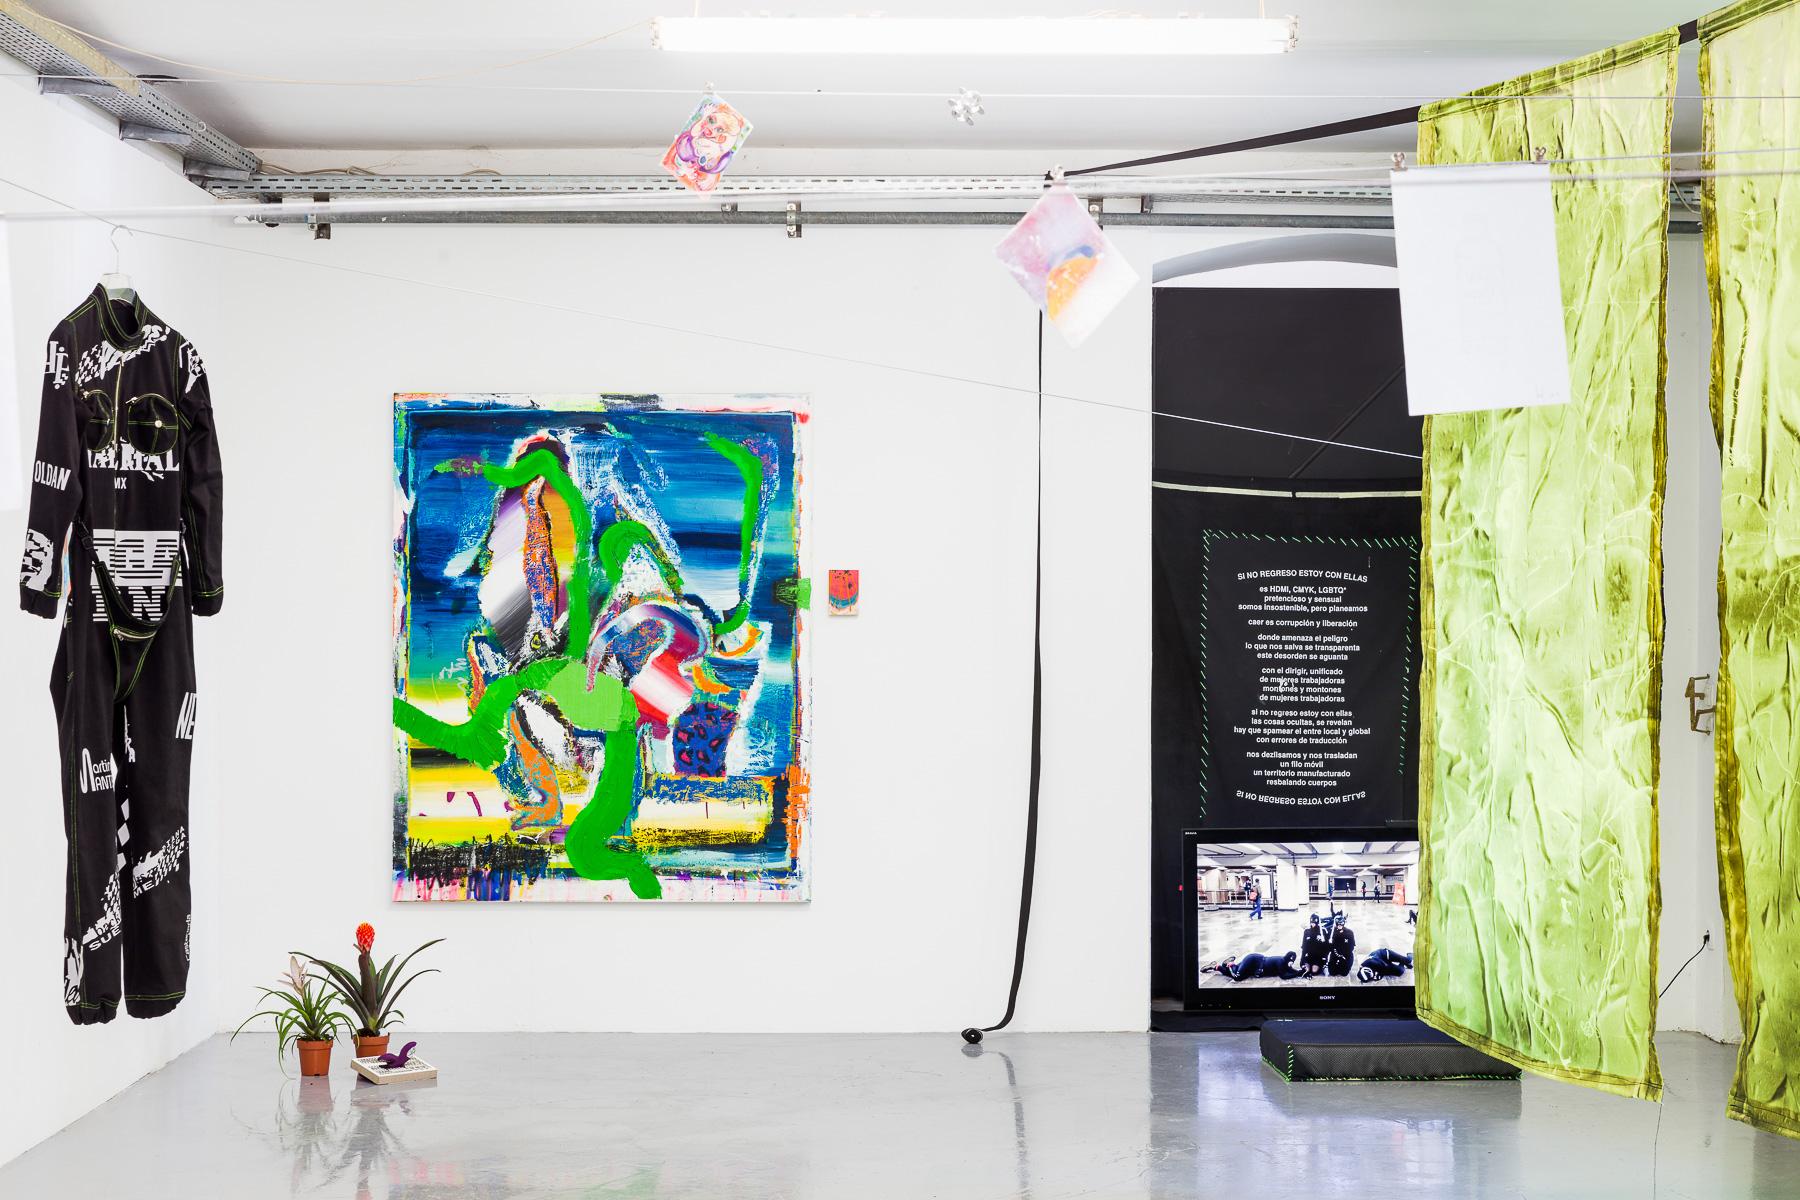 2019_07_23_Ebullicion_Kunstraum-am-Schauplatz_019_web.jpg